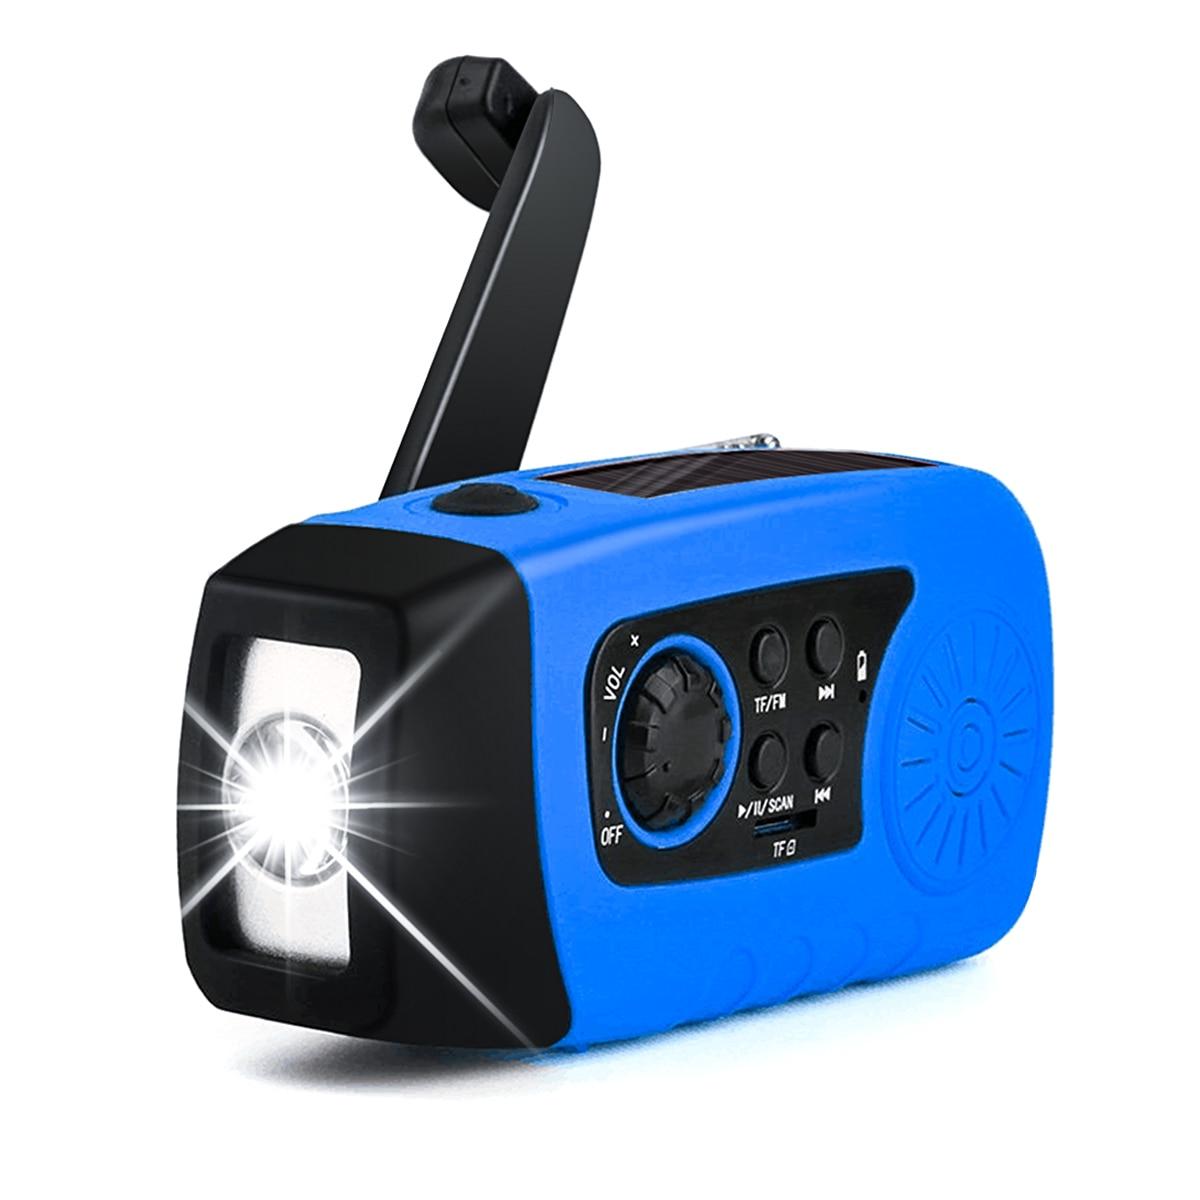 Radio Freundschaftlich Marke Neue Soonhua Tragbare Mw Radio Hand Kurbel Wb Radio Self Powered Solar Power Fm Radios Mit Taschenlampe Power Bank Für Telefon